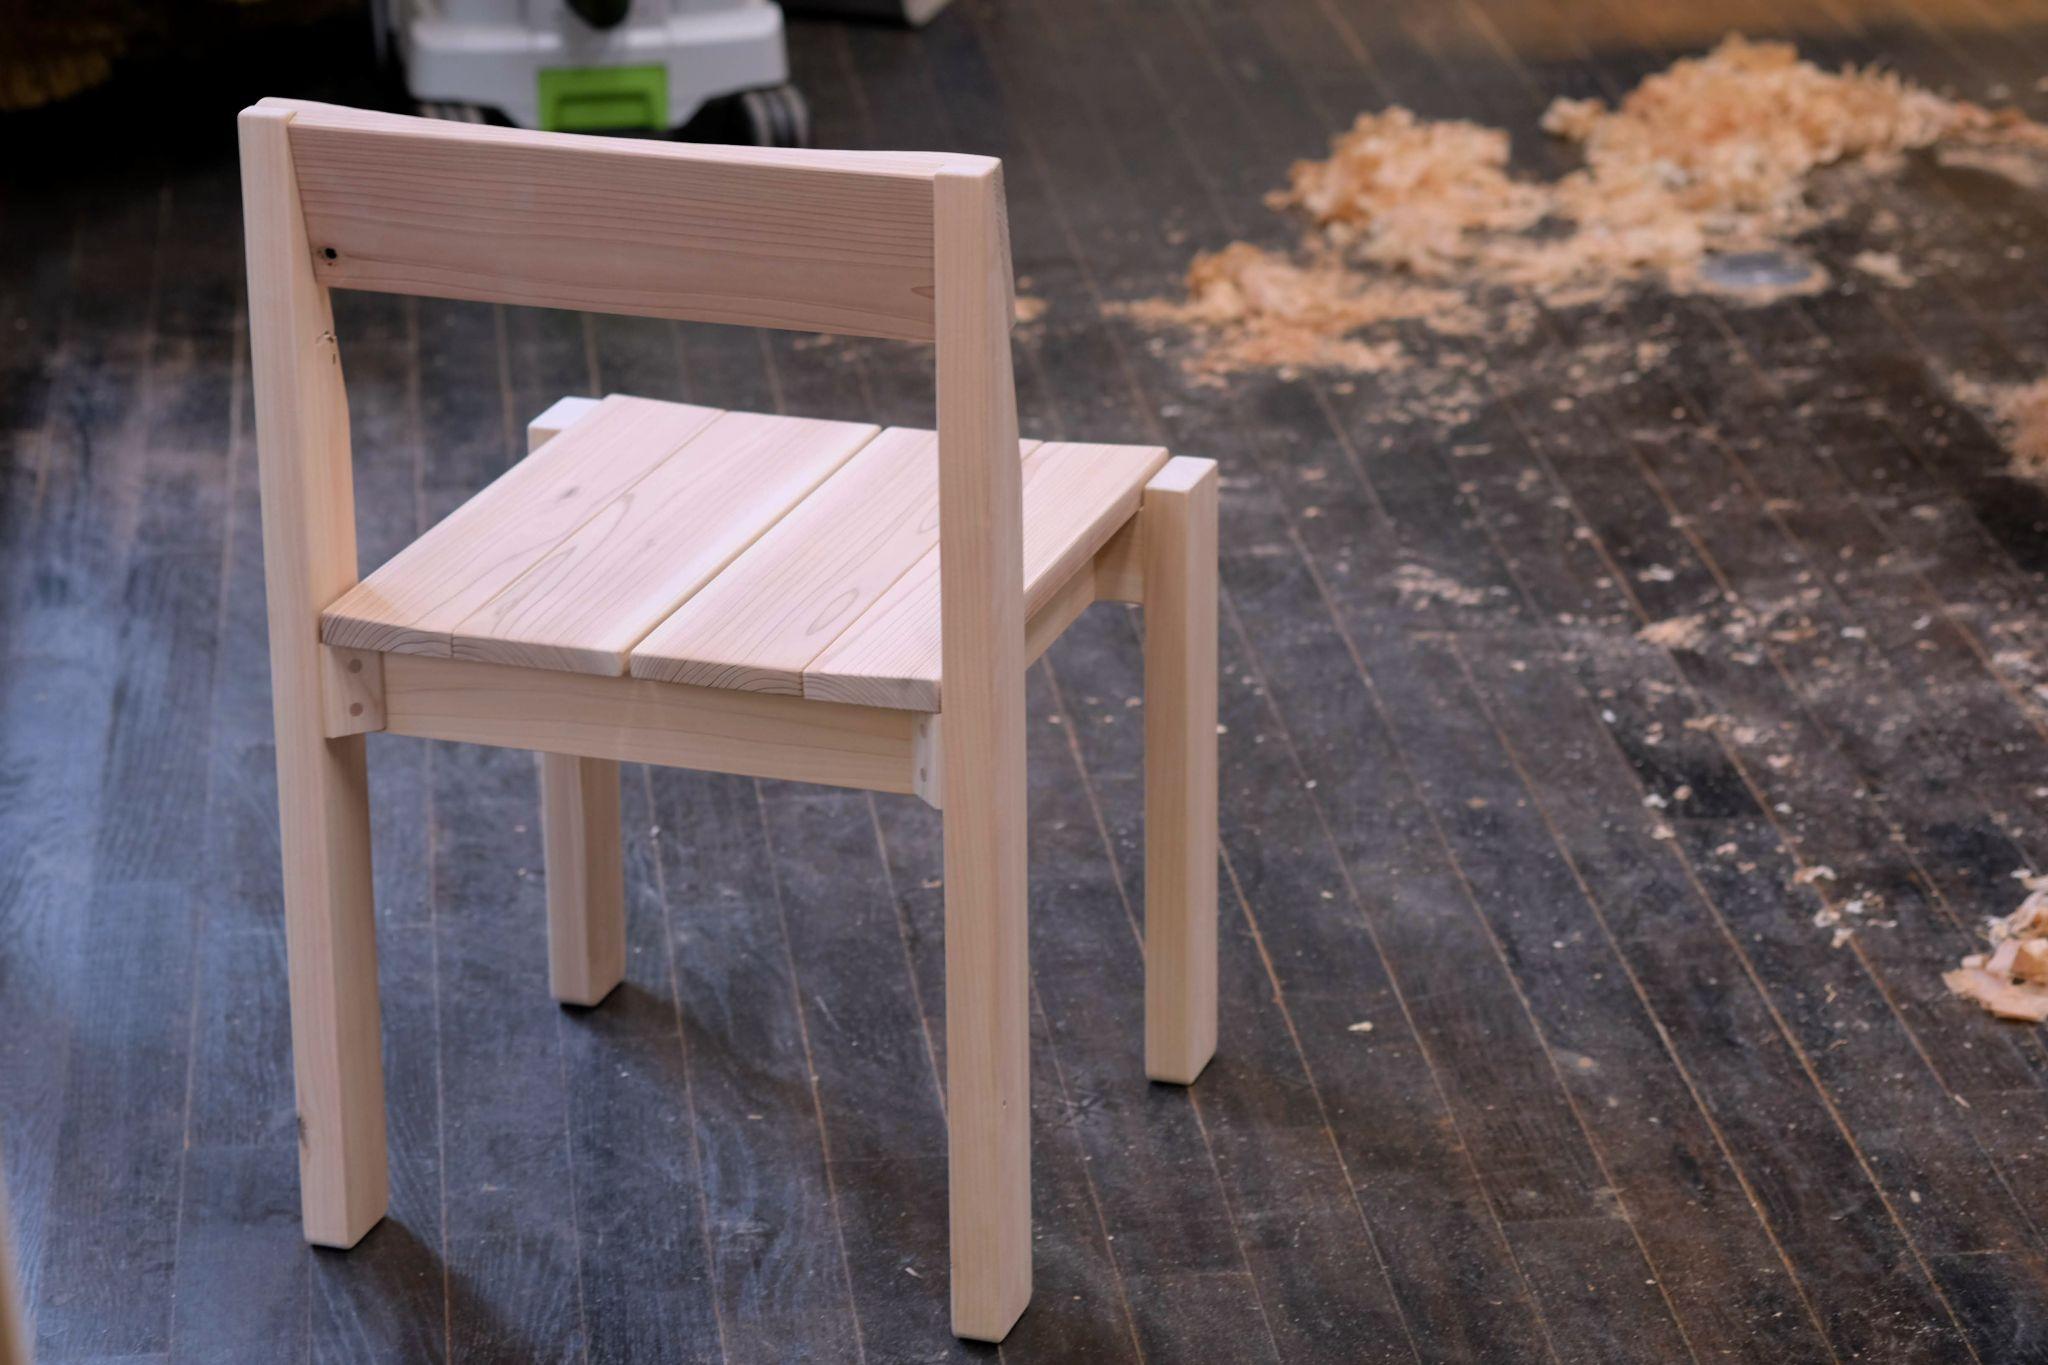 ヒノキと杉の椅子製作スナップ